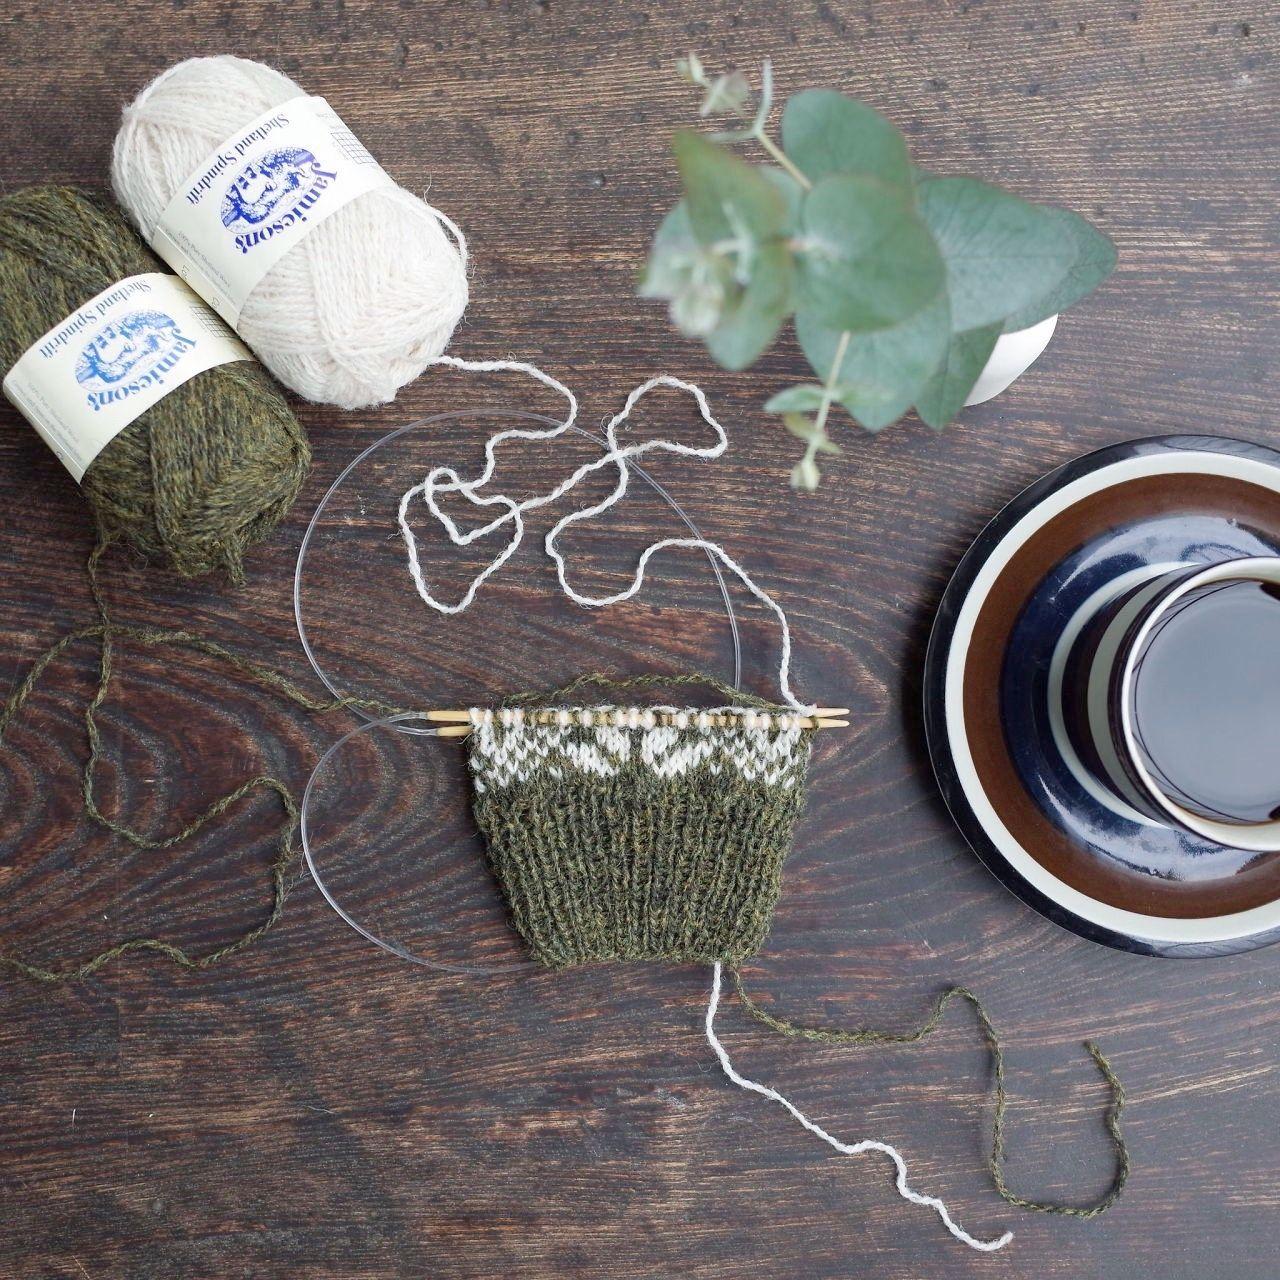 編みものキット / 北欧風編み込み模様のミトン / Palapeli[パラペリ]/ 全 5 色